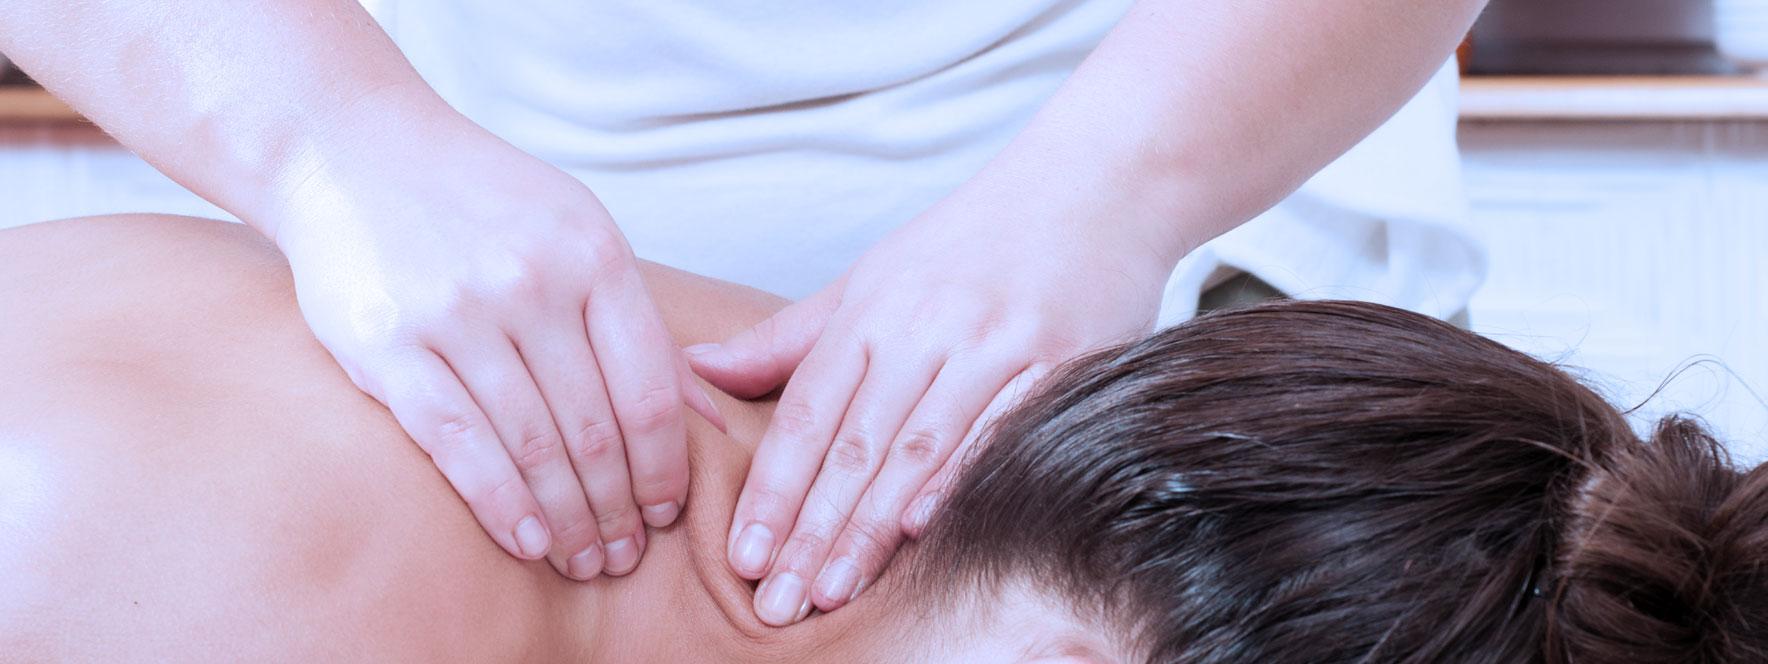 Fréquence des massages - Blogue du Réseau des massothérapeutes